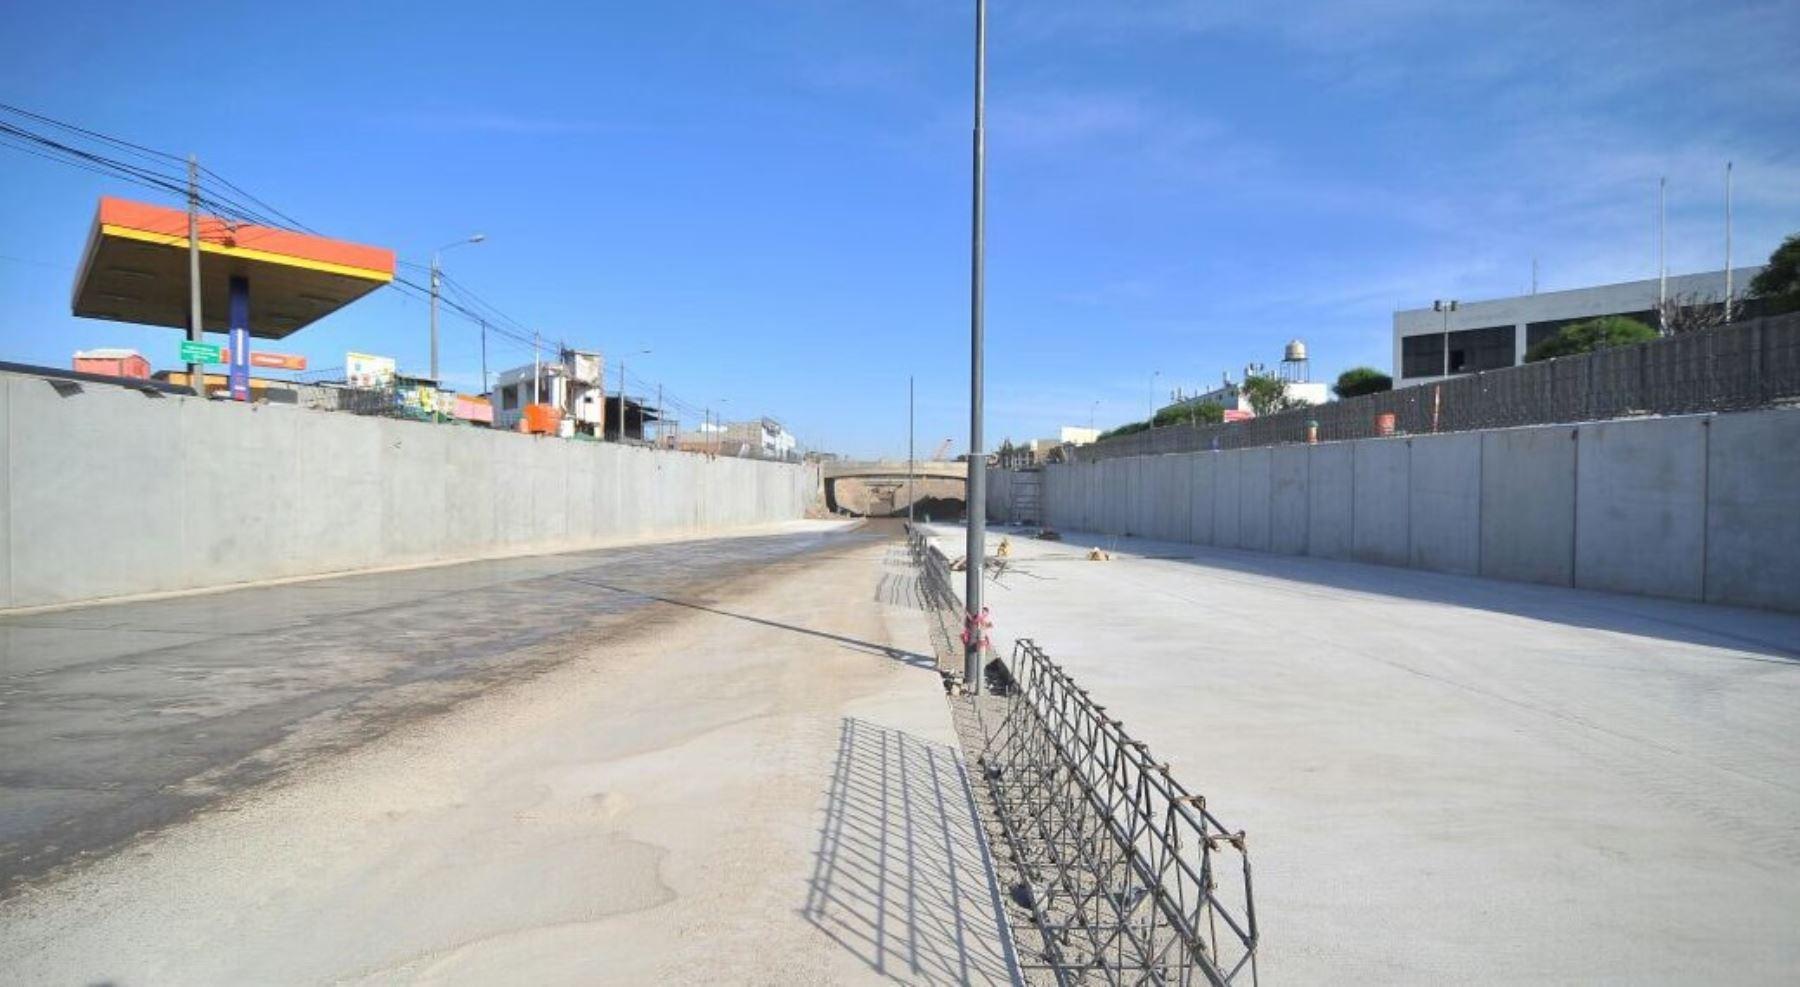 La construcción del tramo III de la nueva variante de Uchumayo registra un nivel de avance del 67%, destacó la gobernadora regional Yamila Osorio, quien supervisó el desarrollo de esta importante obra vial que mejorará notablemente el acceso a la ciudad de Arequipa.